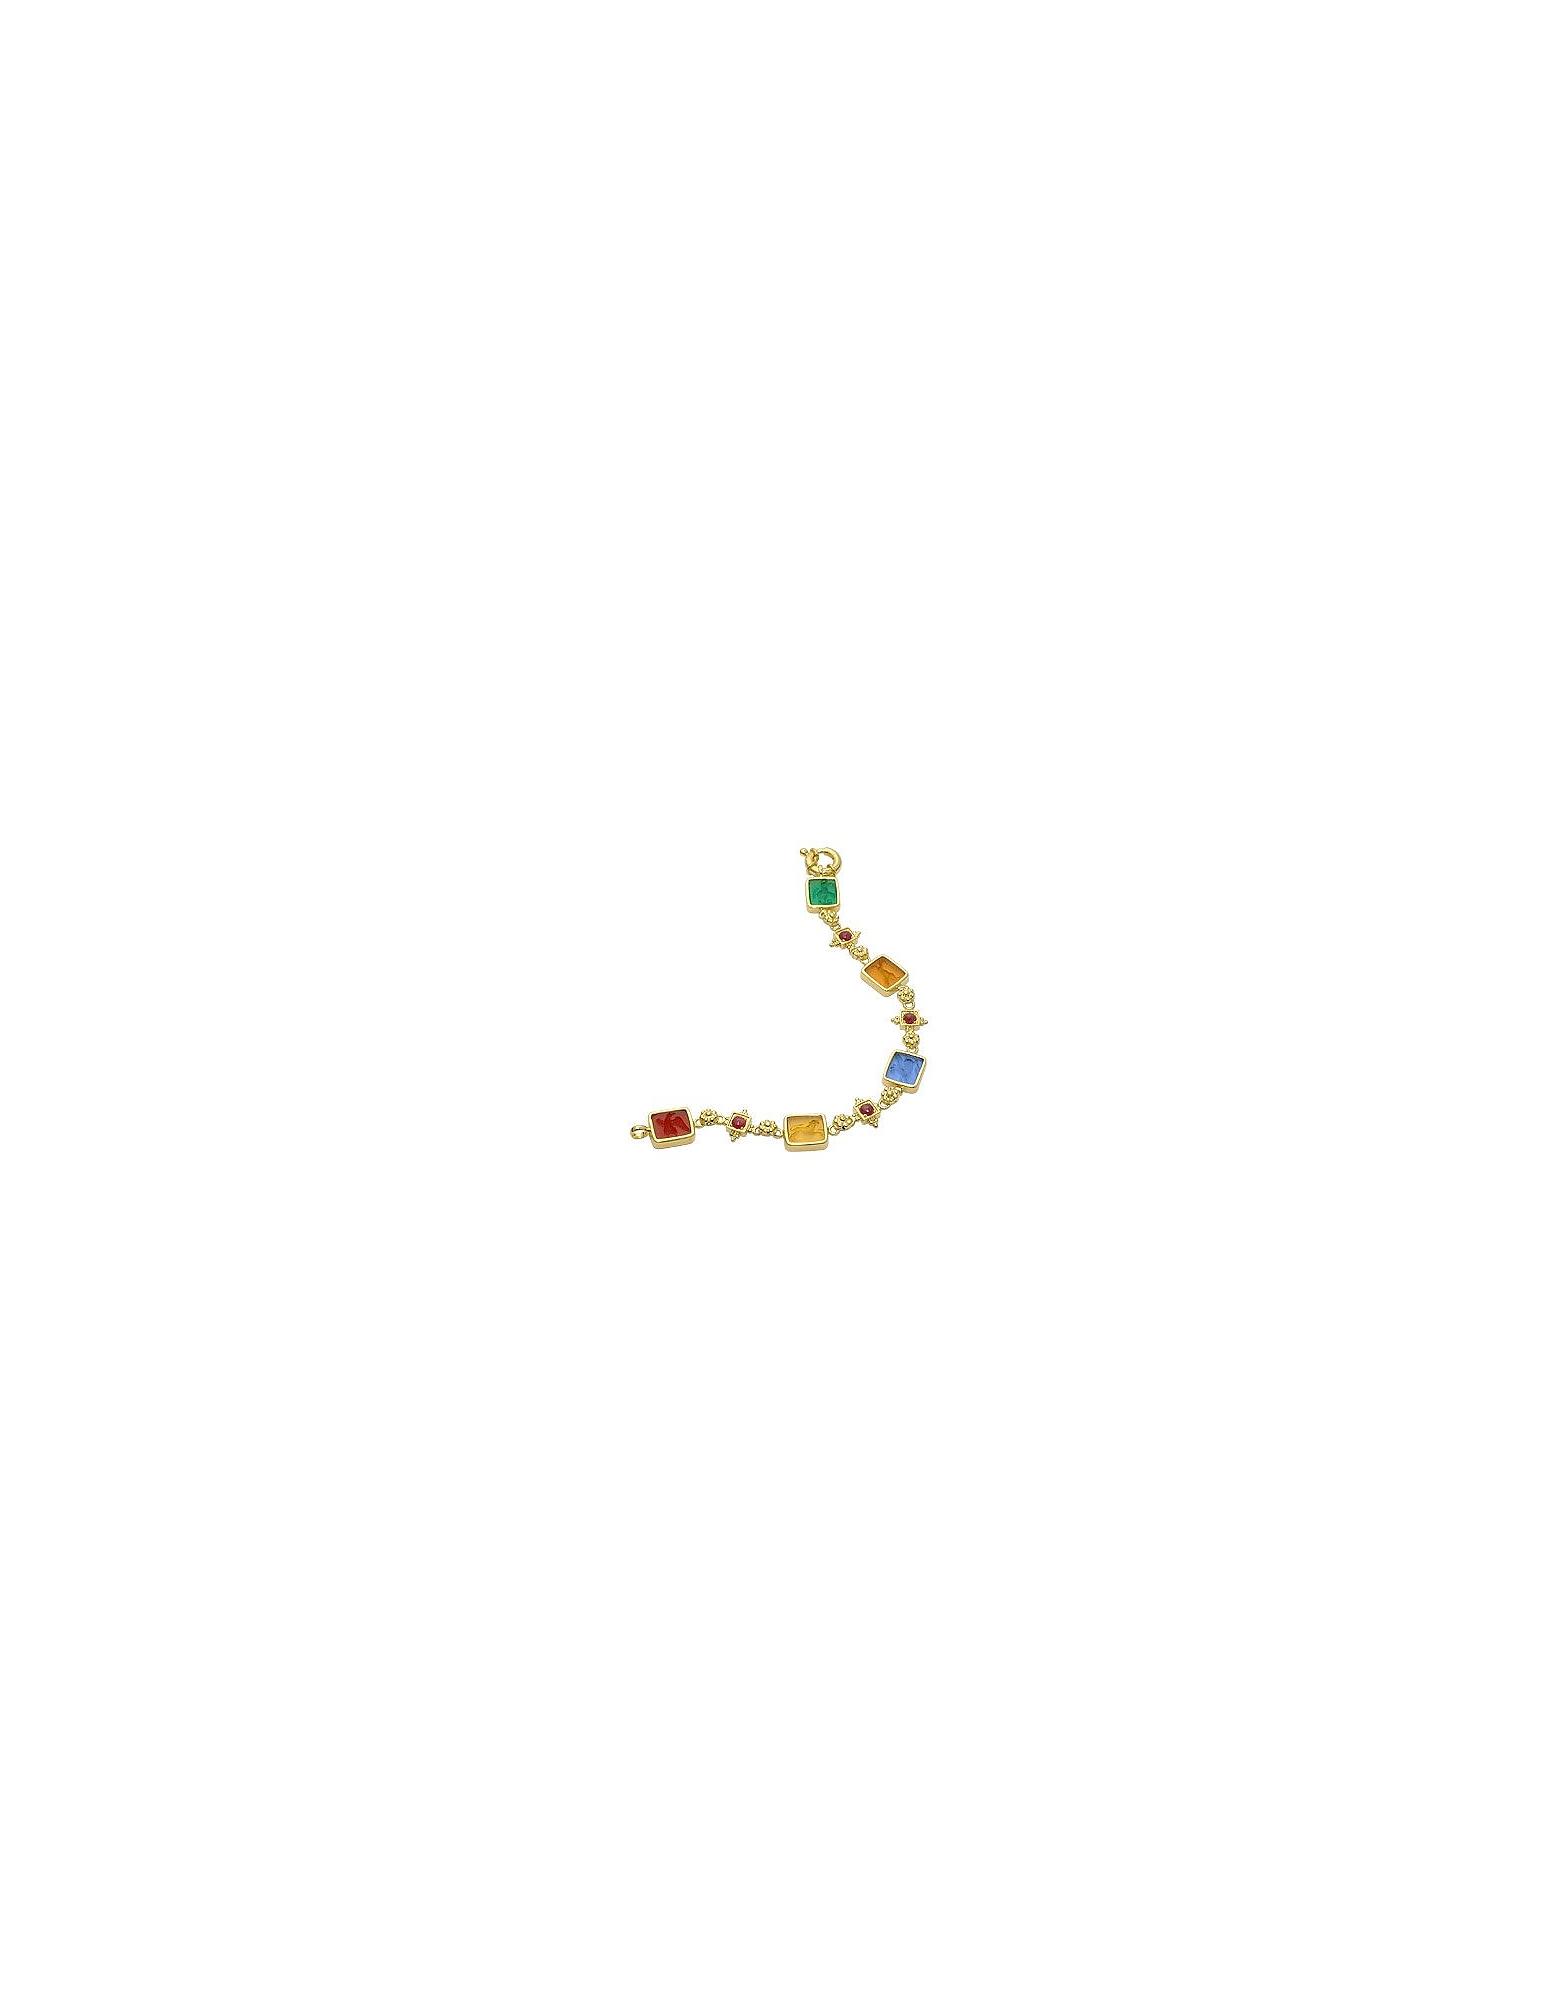 Tagliamonte Bracelets, Classics Collection - 18K Gold and Ruby Link Bracelet